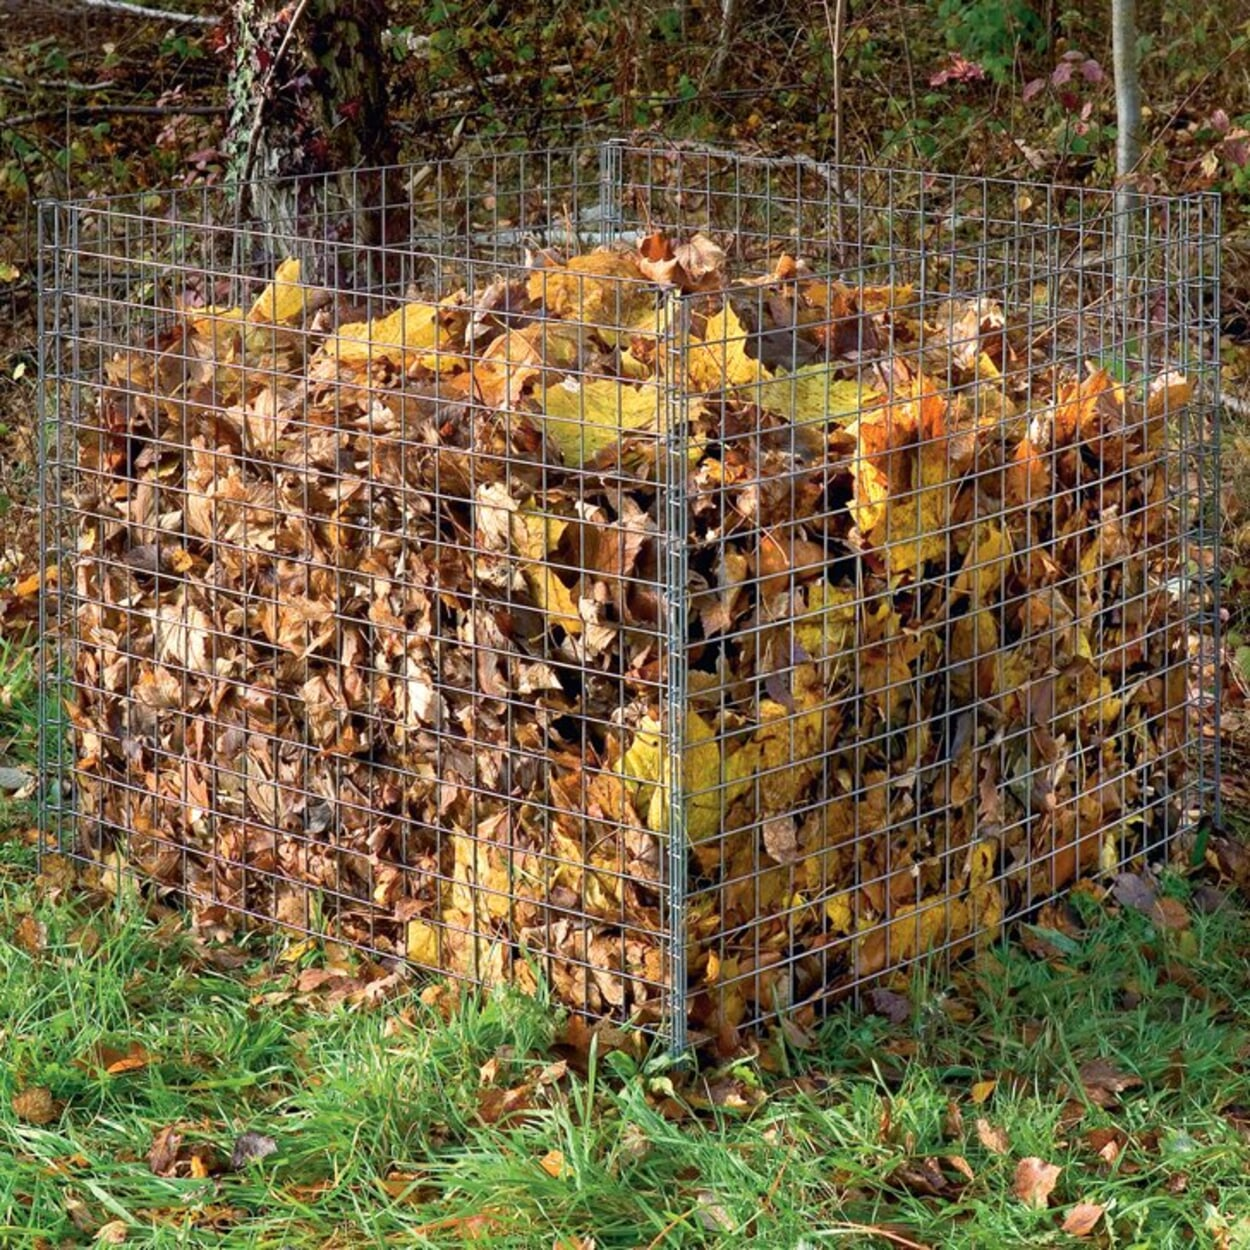 ... und zum Komposter transportieren